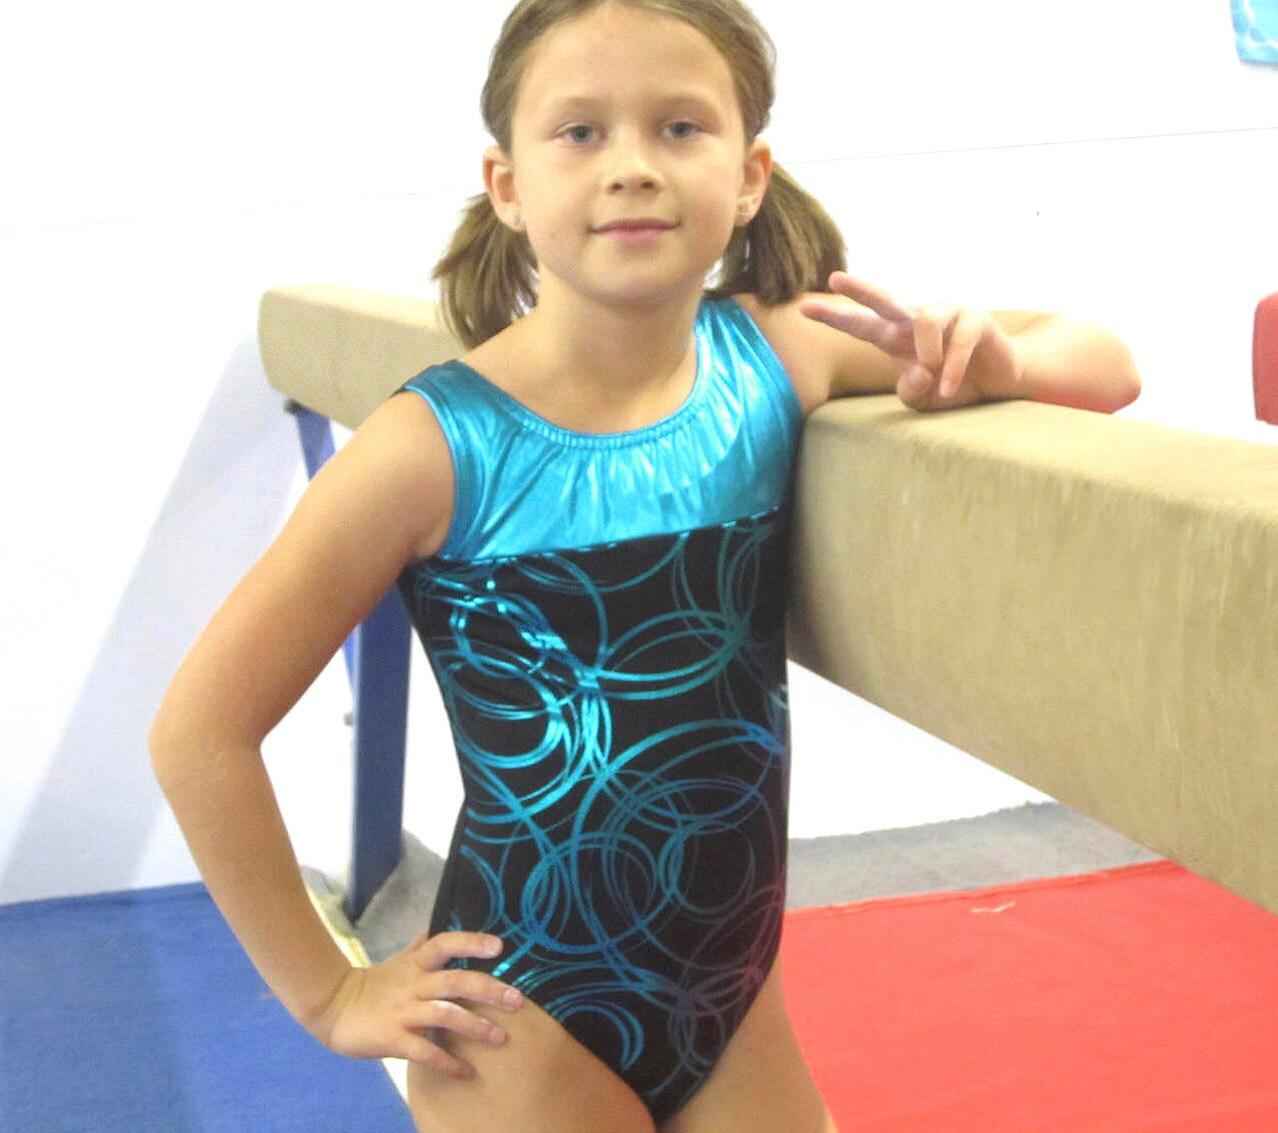 633a6b3f32ff Girls Gymnastics Clothing - Sophia's Style